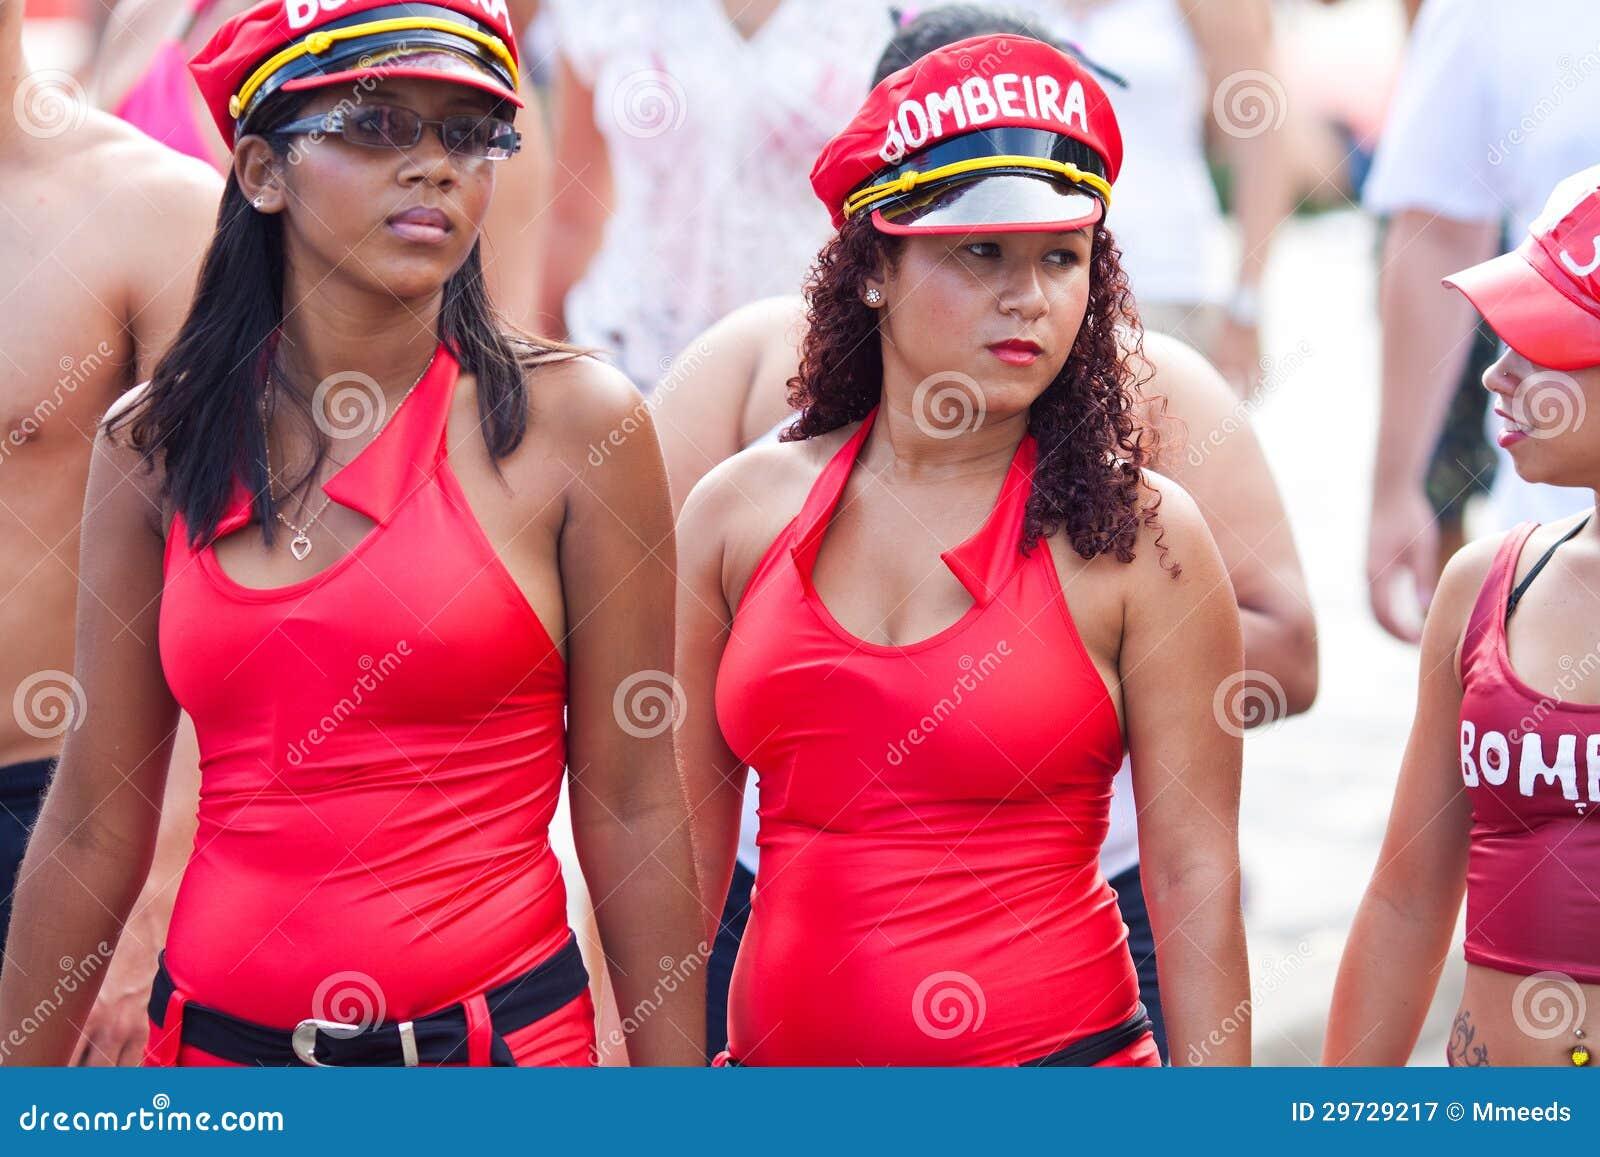 Coincidenze - Pagina 3 Rio-de-janeiro-febbraio-due-ragazze-vestiti-rossi-sul-carnevale-della-gente-libera-rio-de-janeiro-nell-febbraio-brasile-29729217